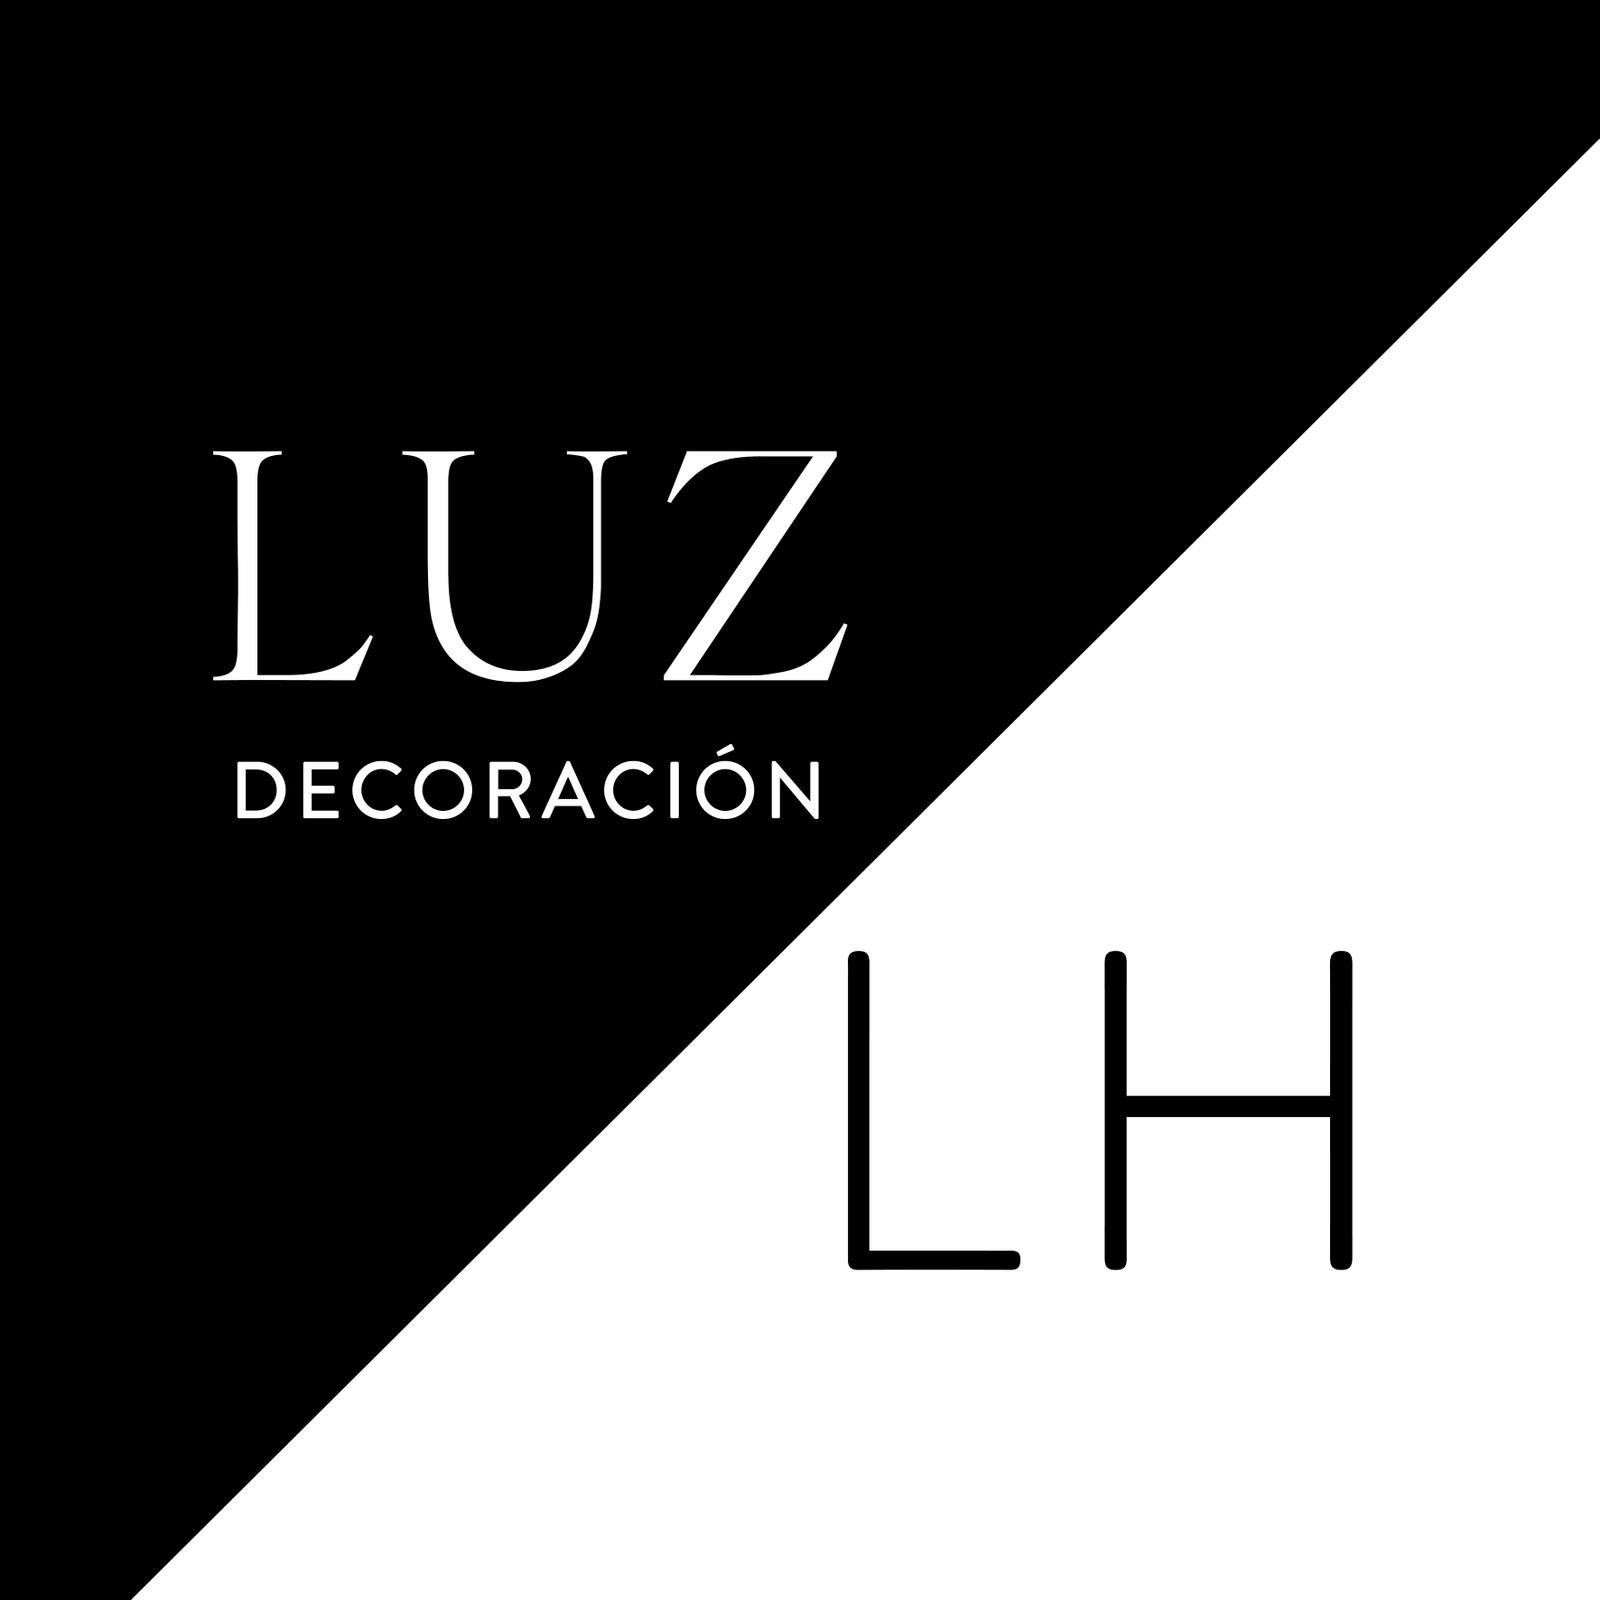 LUZ DECORACIÓN